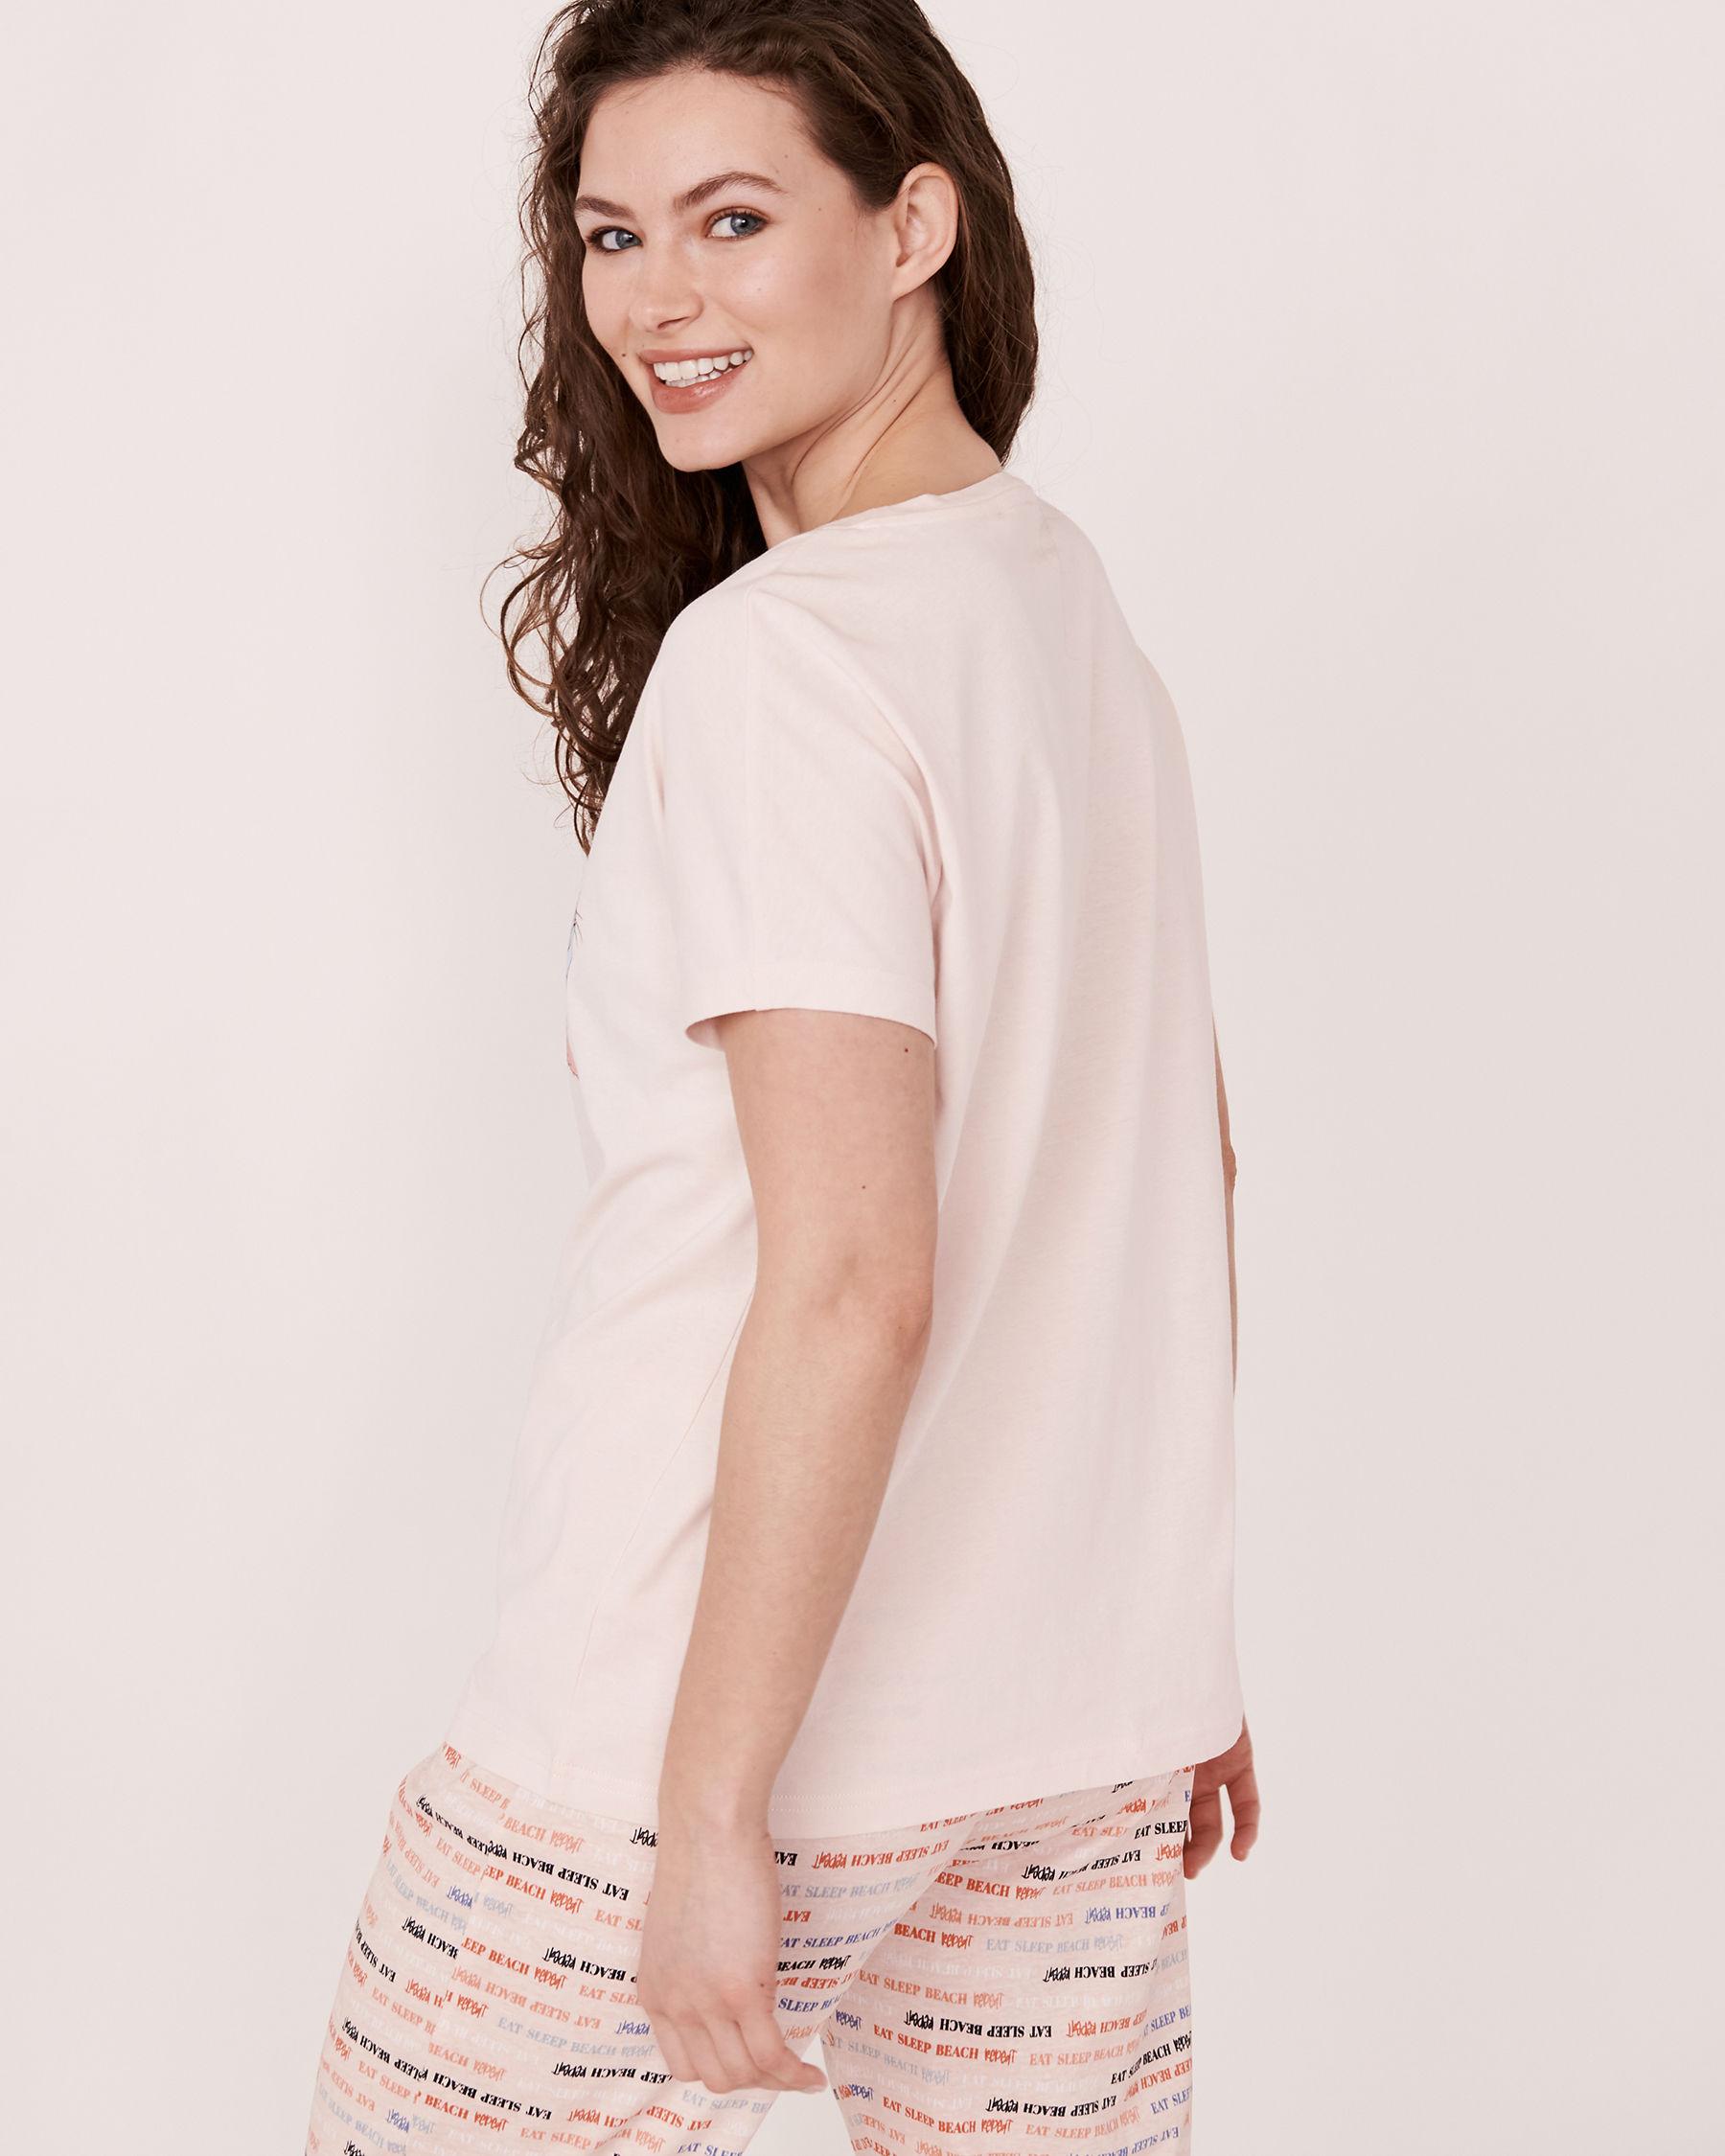 LA VIE EN ROSE Crew Neck T-shirt Soft lilac 40100037 - View2